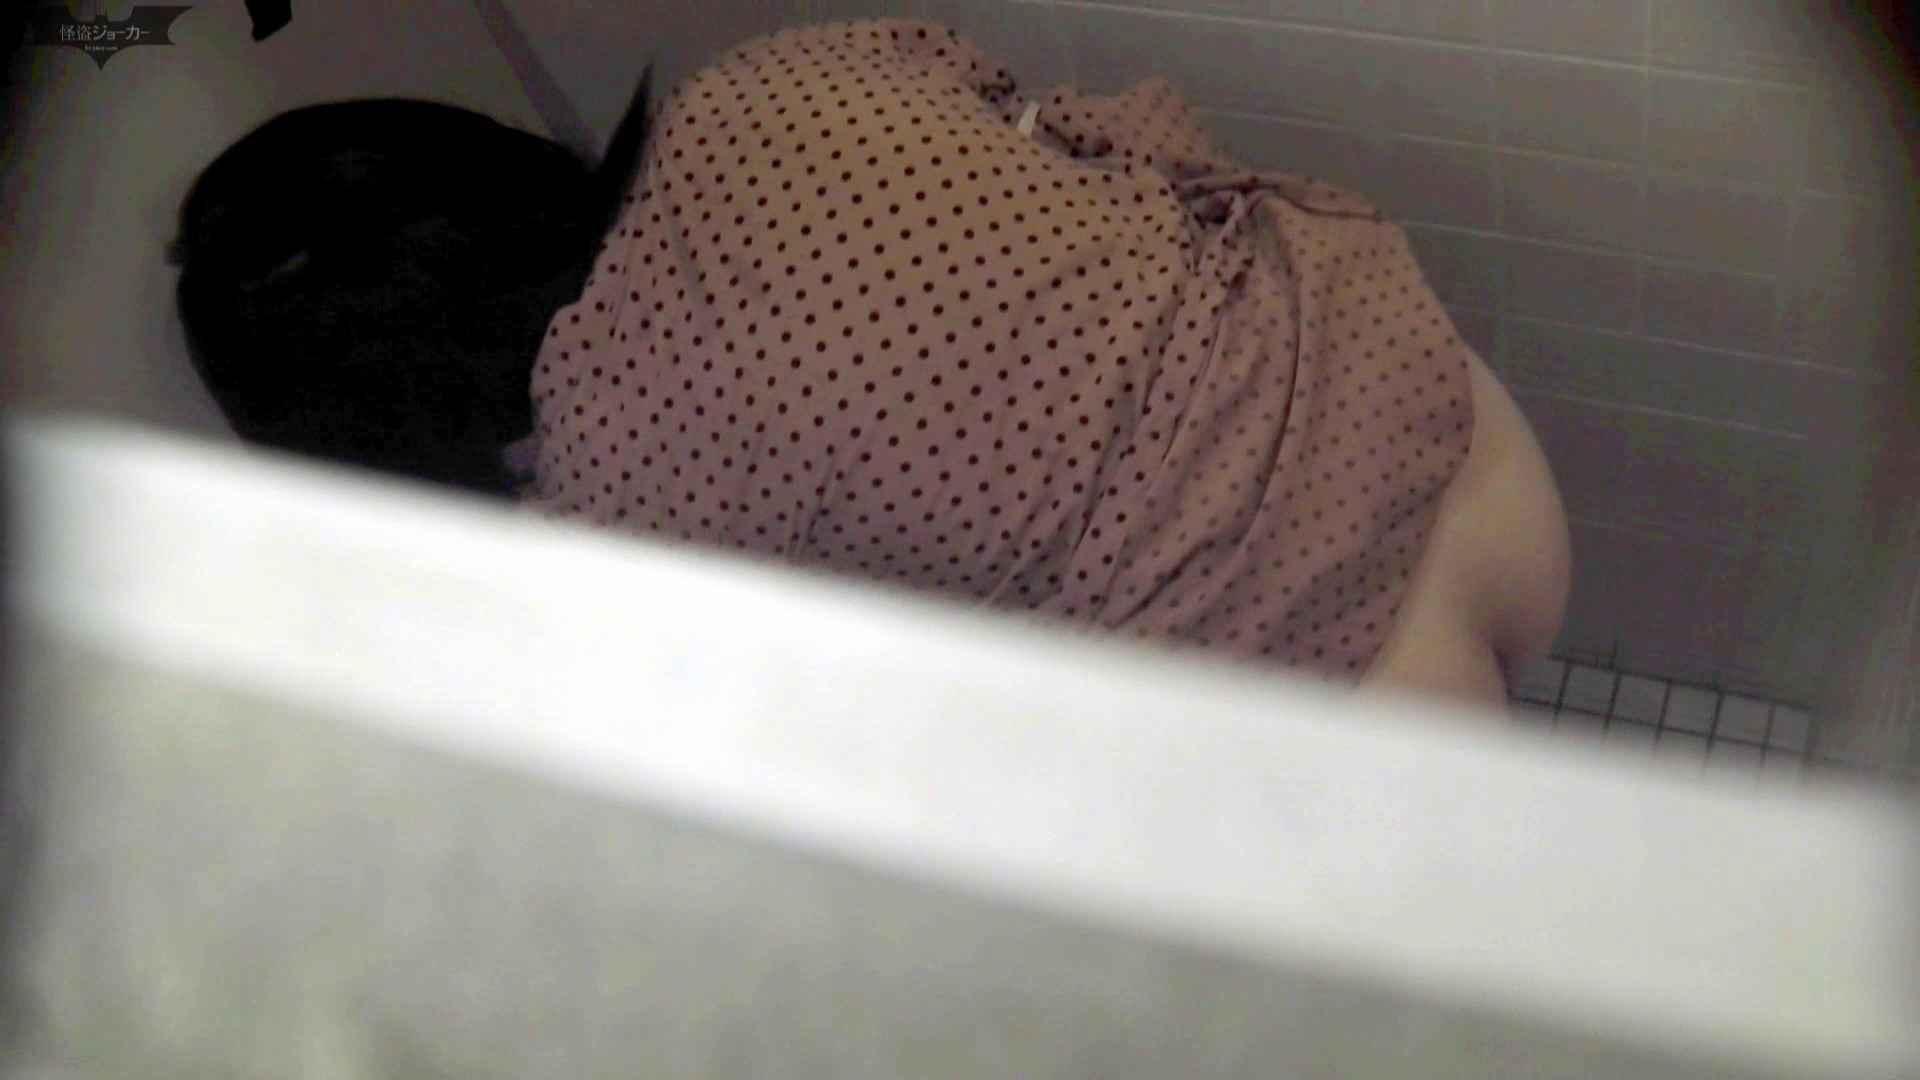 お銀 vol.68 無謀に通路に飛び出て一番明るいフロント撮り実現、見所満載 洗面所 | OL女体  94連発 25